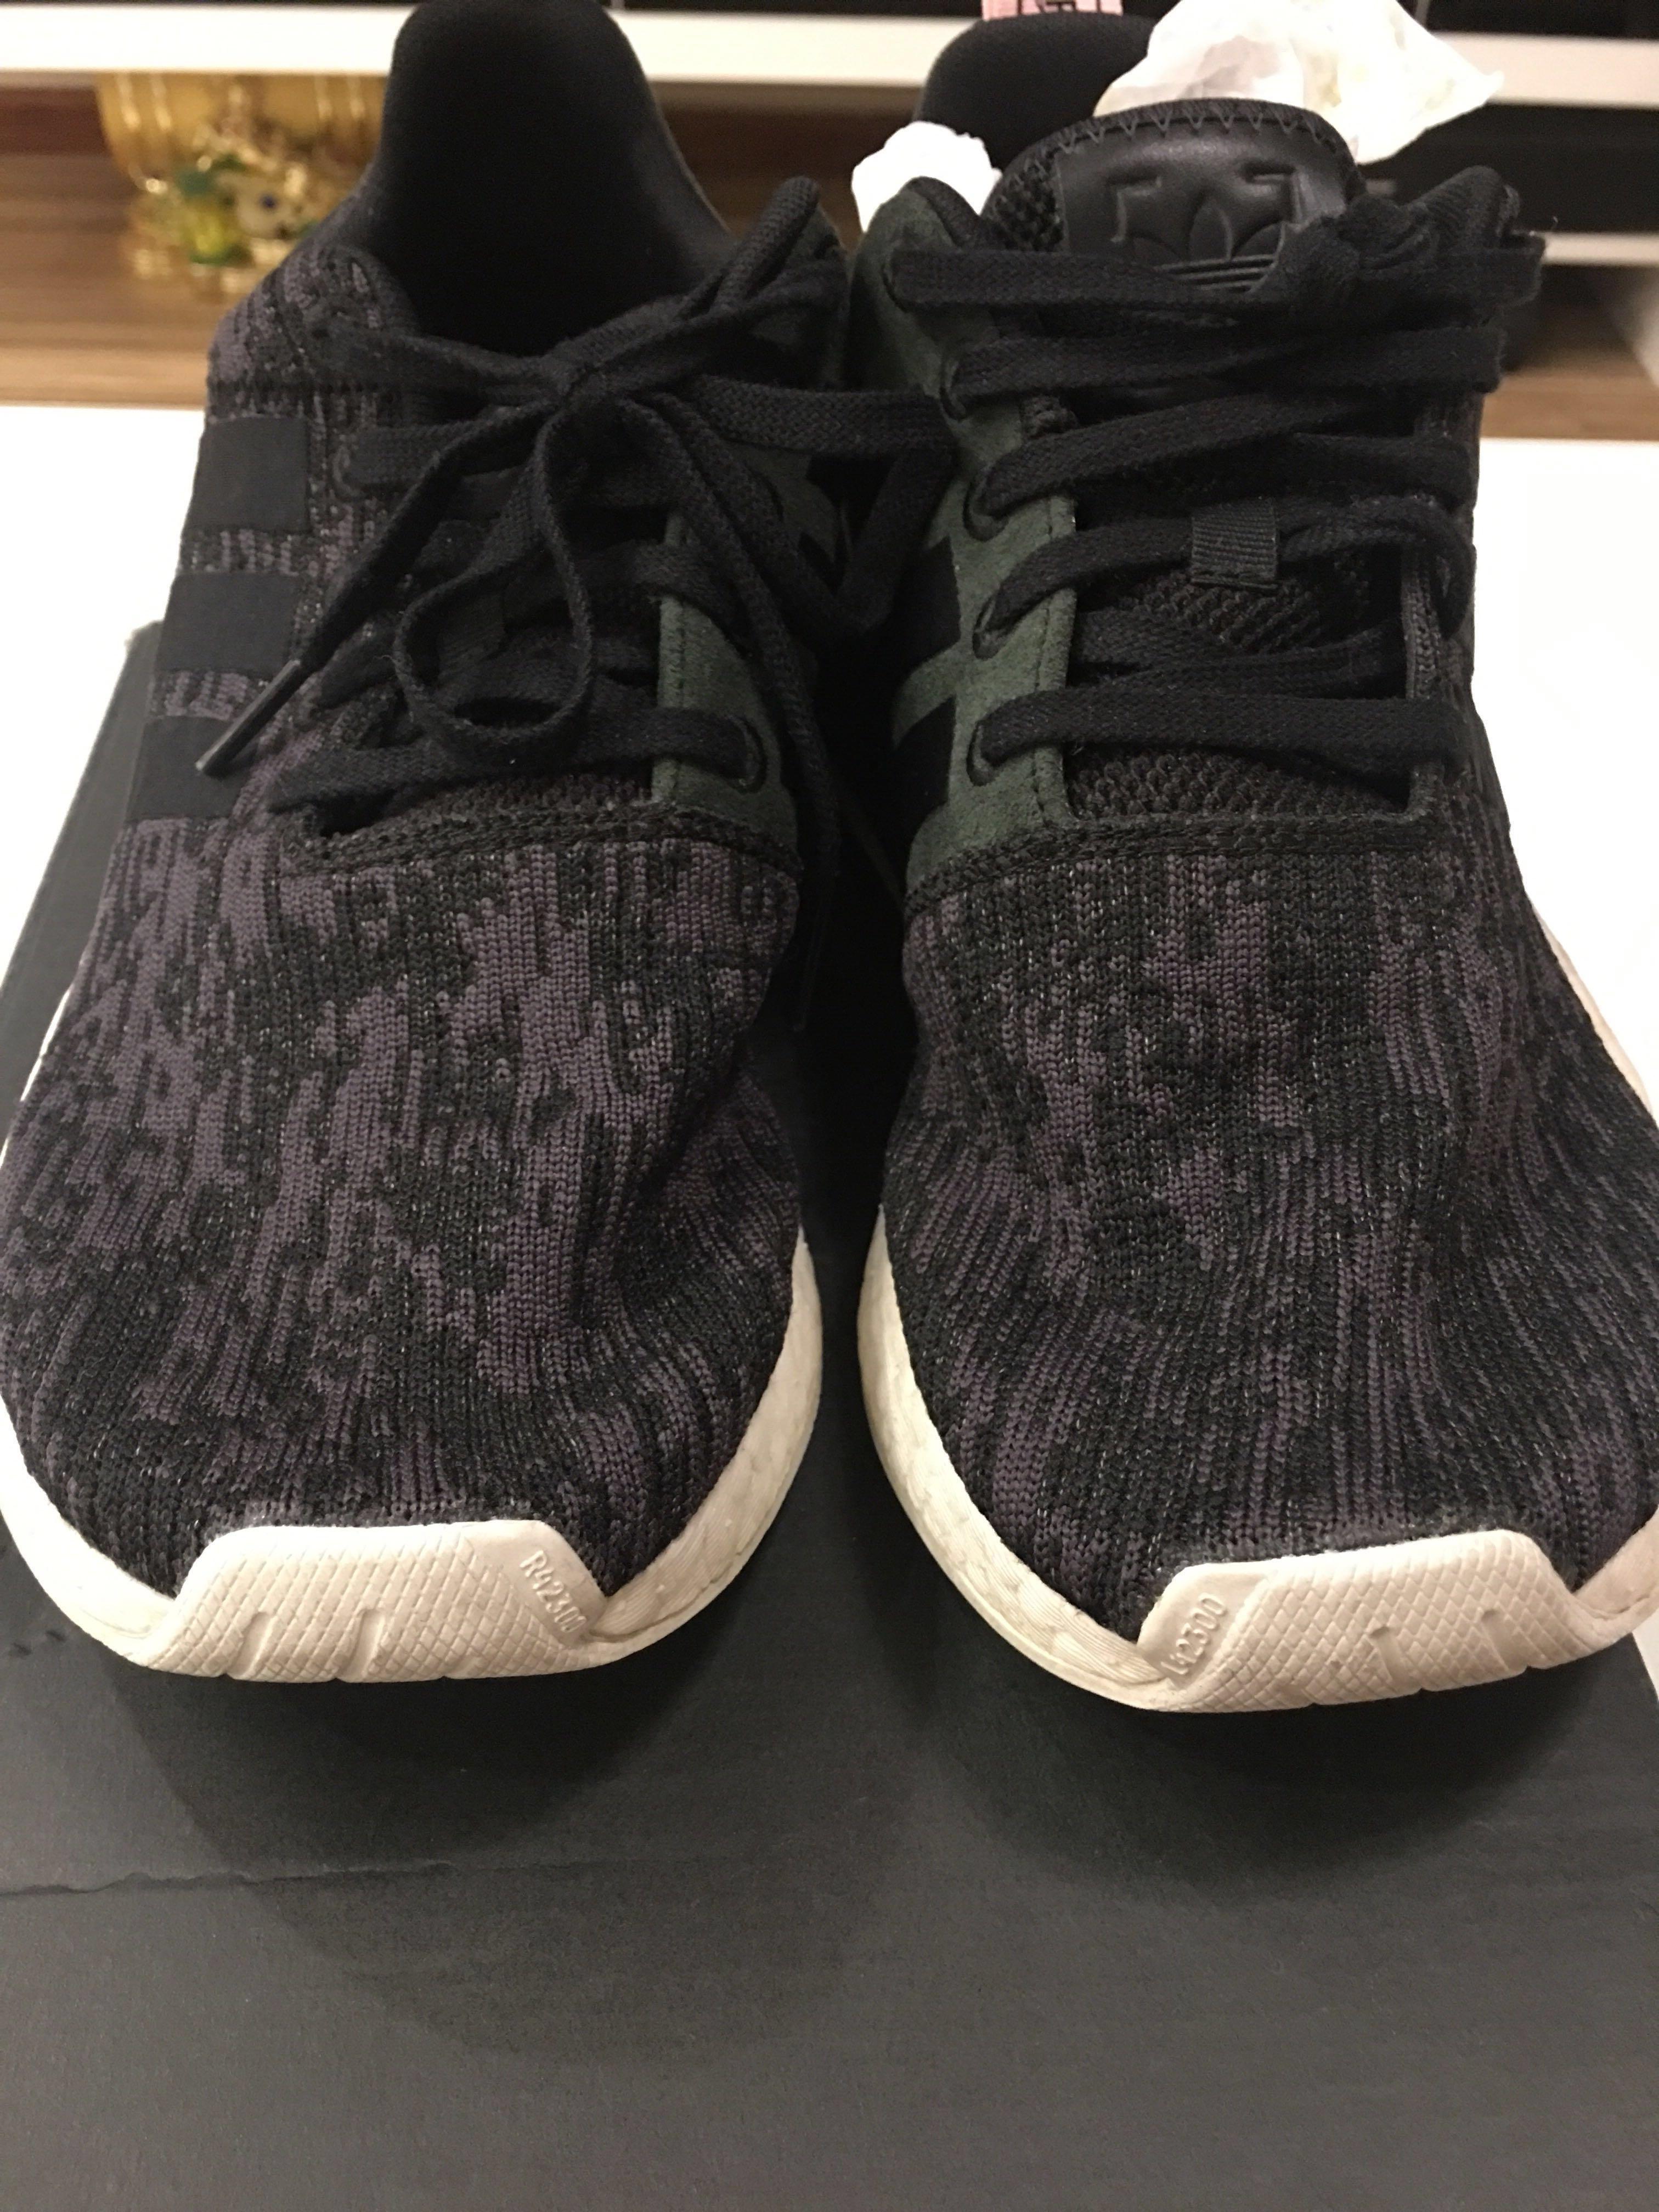 c6dc5d7dffea3 Authentic Adidas Originals NMD R2 Trainers In Black